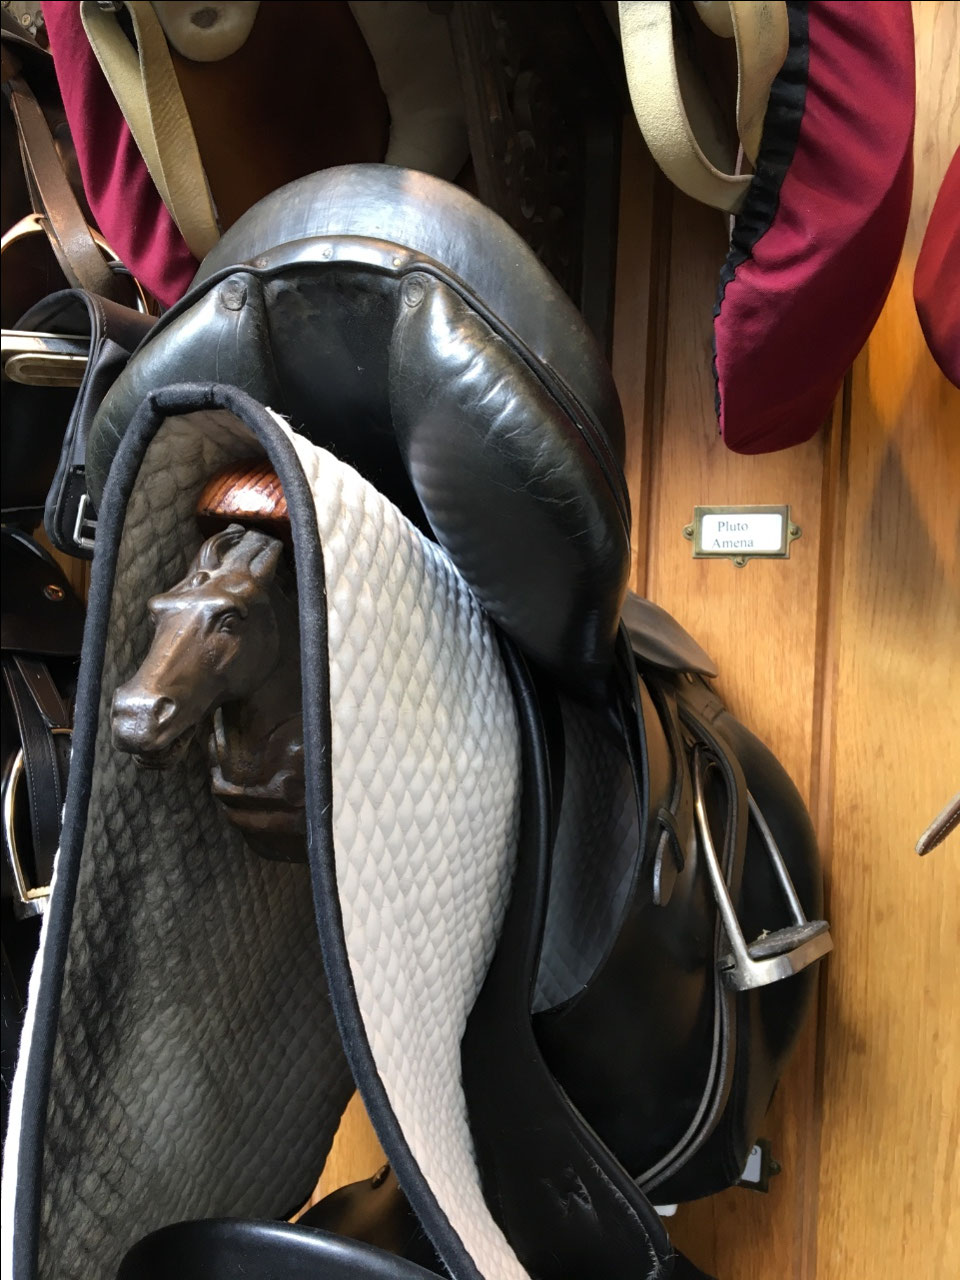 One saddle